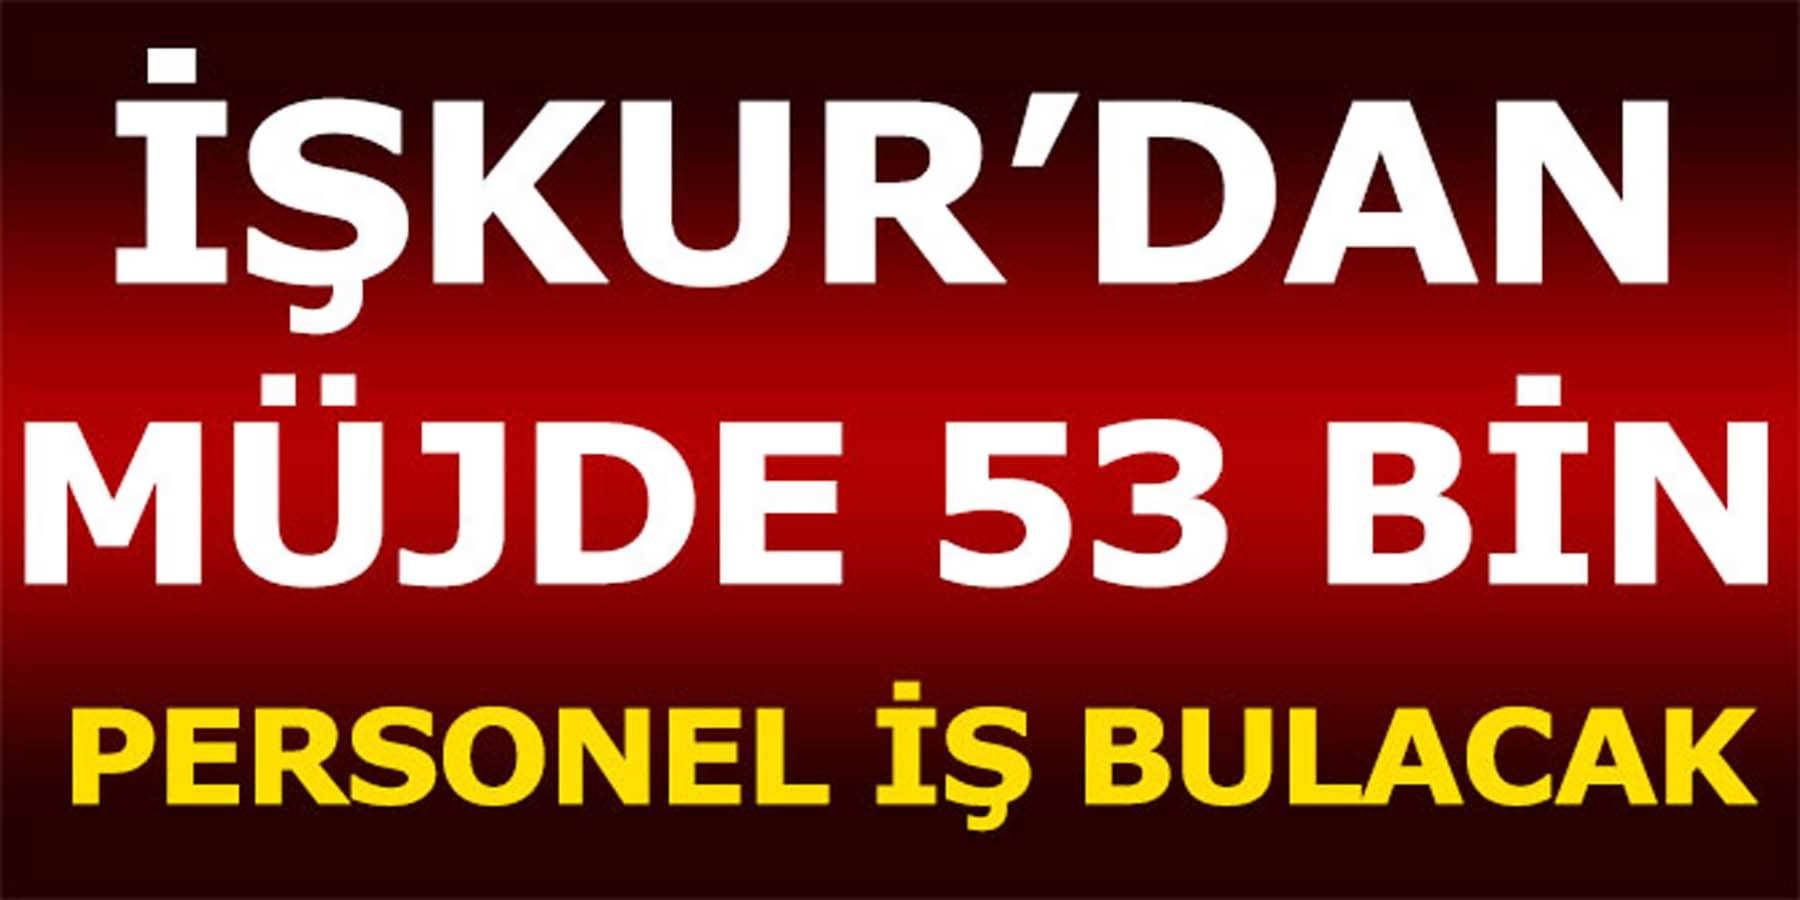 İşkur'dan Müjde! 53 Bin Personel İş Bulacak